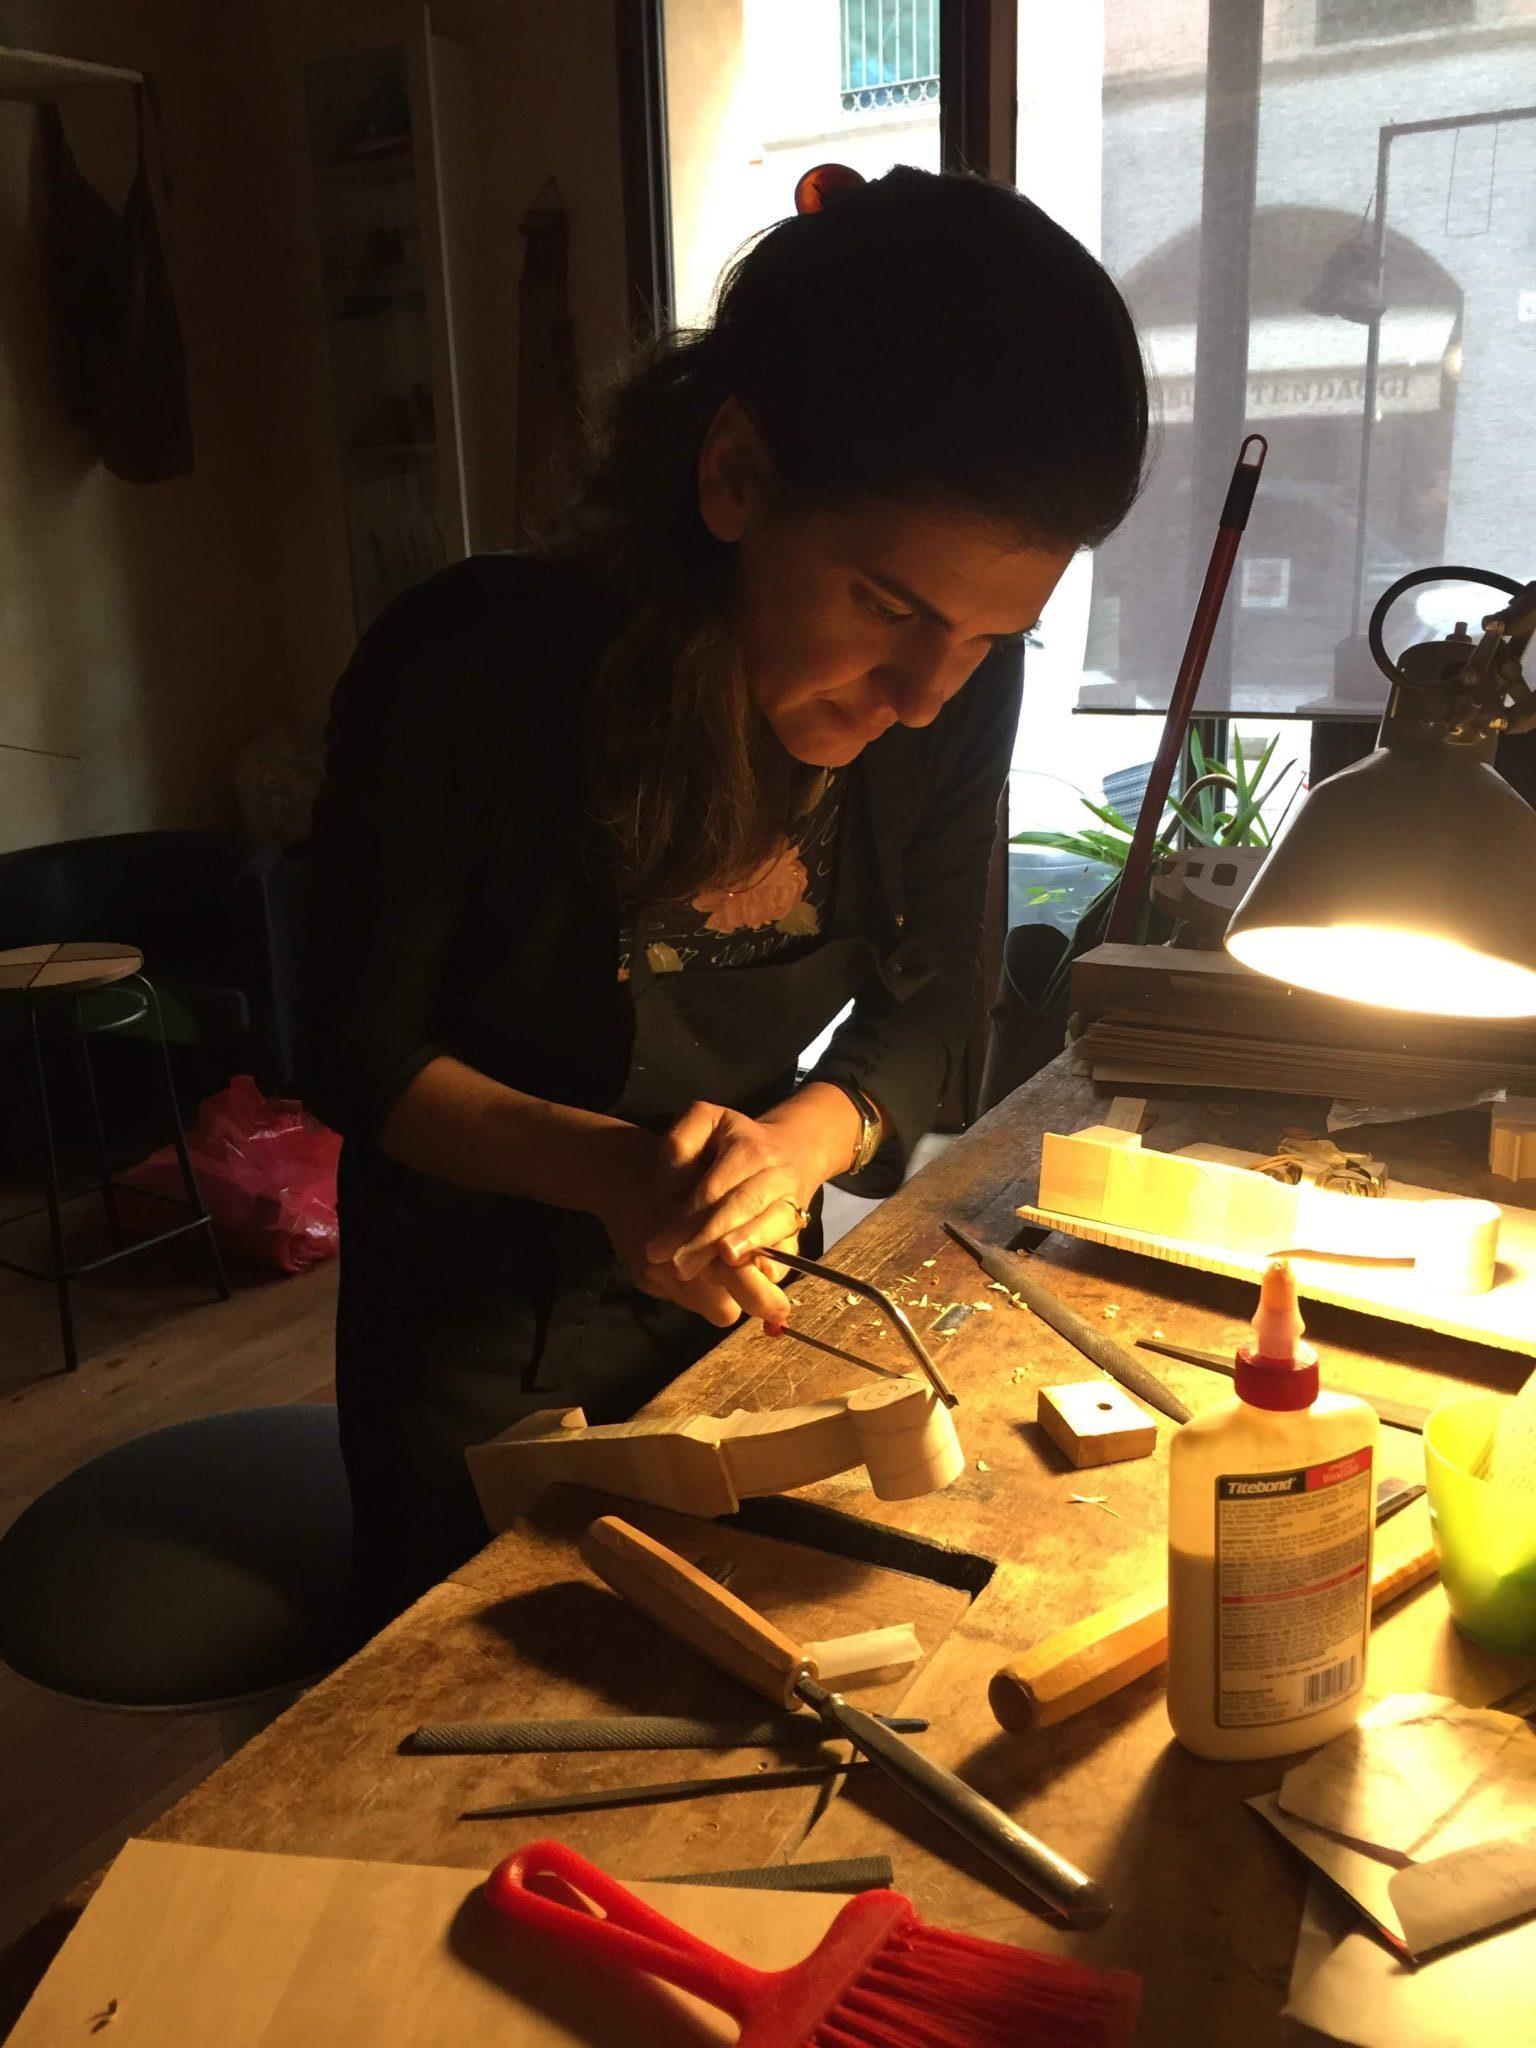 L'arte dei liutai è di casa a Cremona. Via Robolotti conta ben 16 botteghe di liuteria. Siamo andati a curiosare in alcune di queste